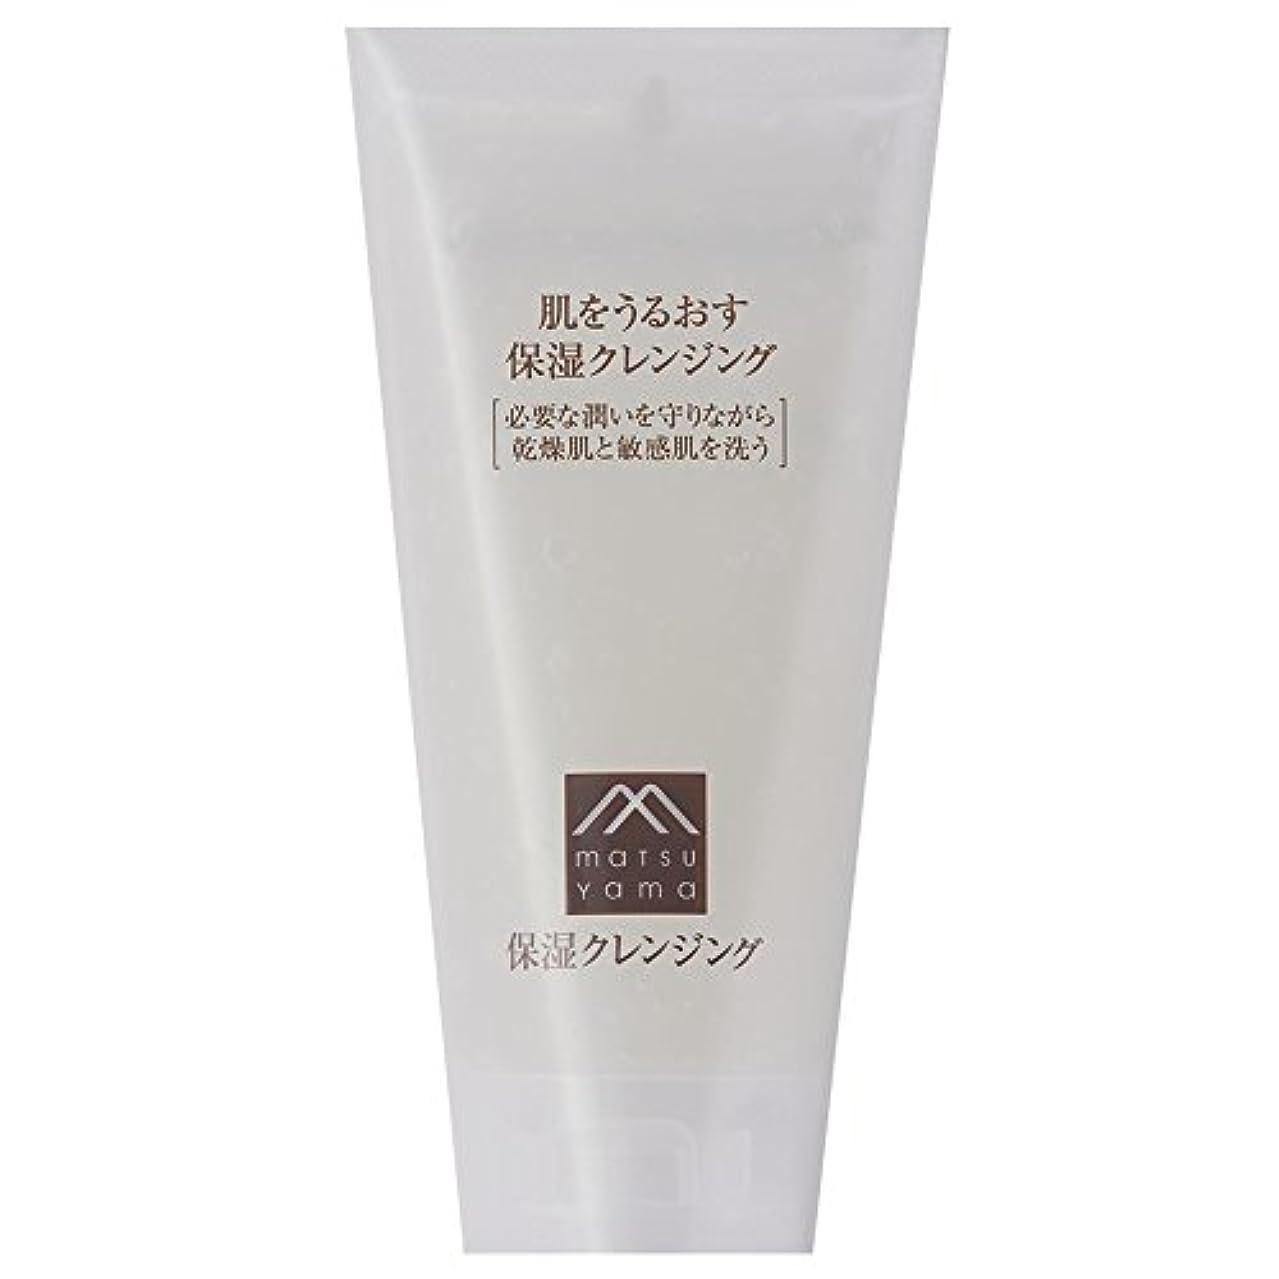 約束する部族強化肌をうるおす保湿クレンジング(メイク落とし) 保湿 乾燥肌 敏感肌